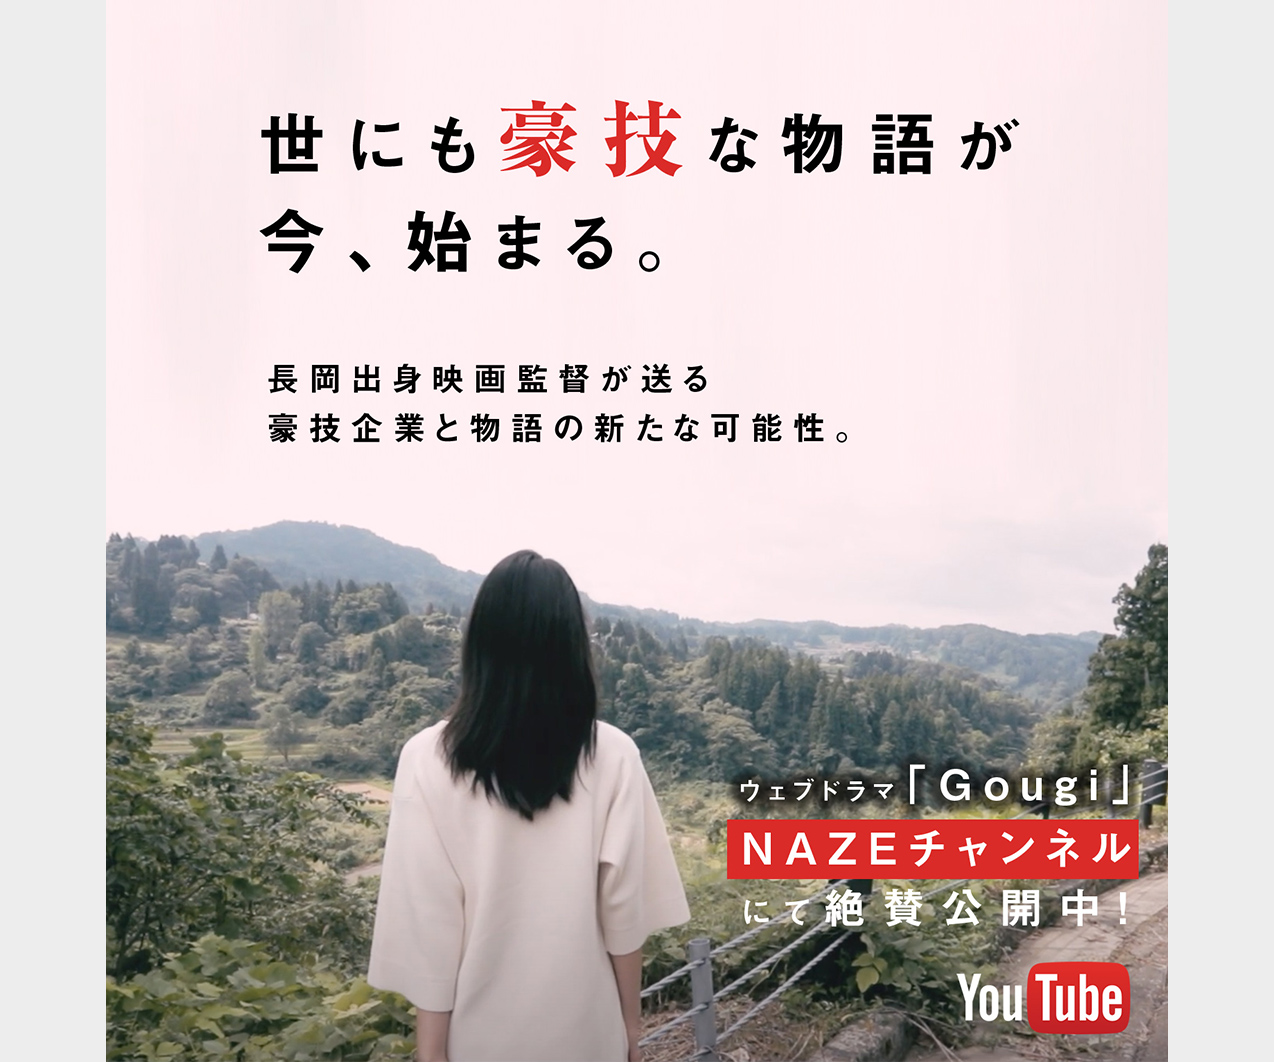 naze_banner_top_drama_gougi